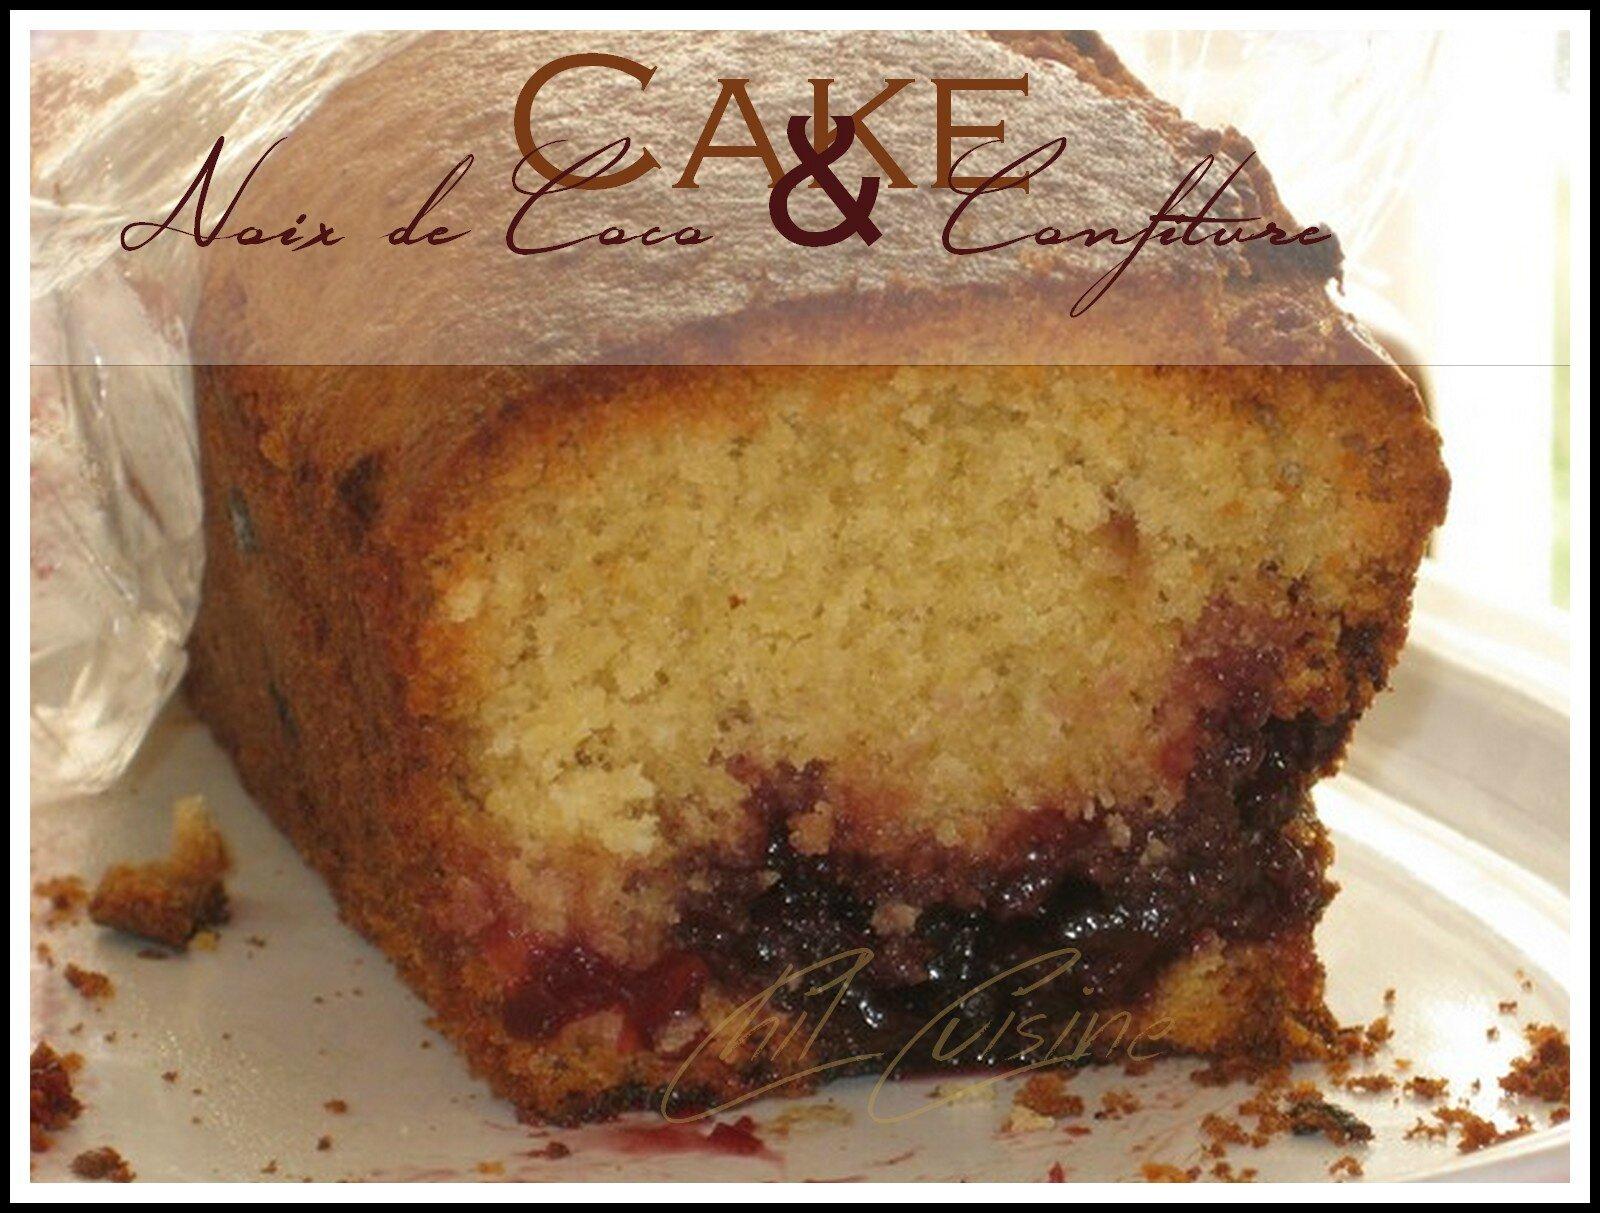 Cake noix de coco et confiture de griotte